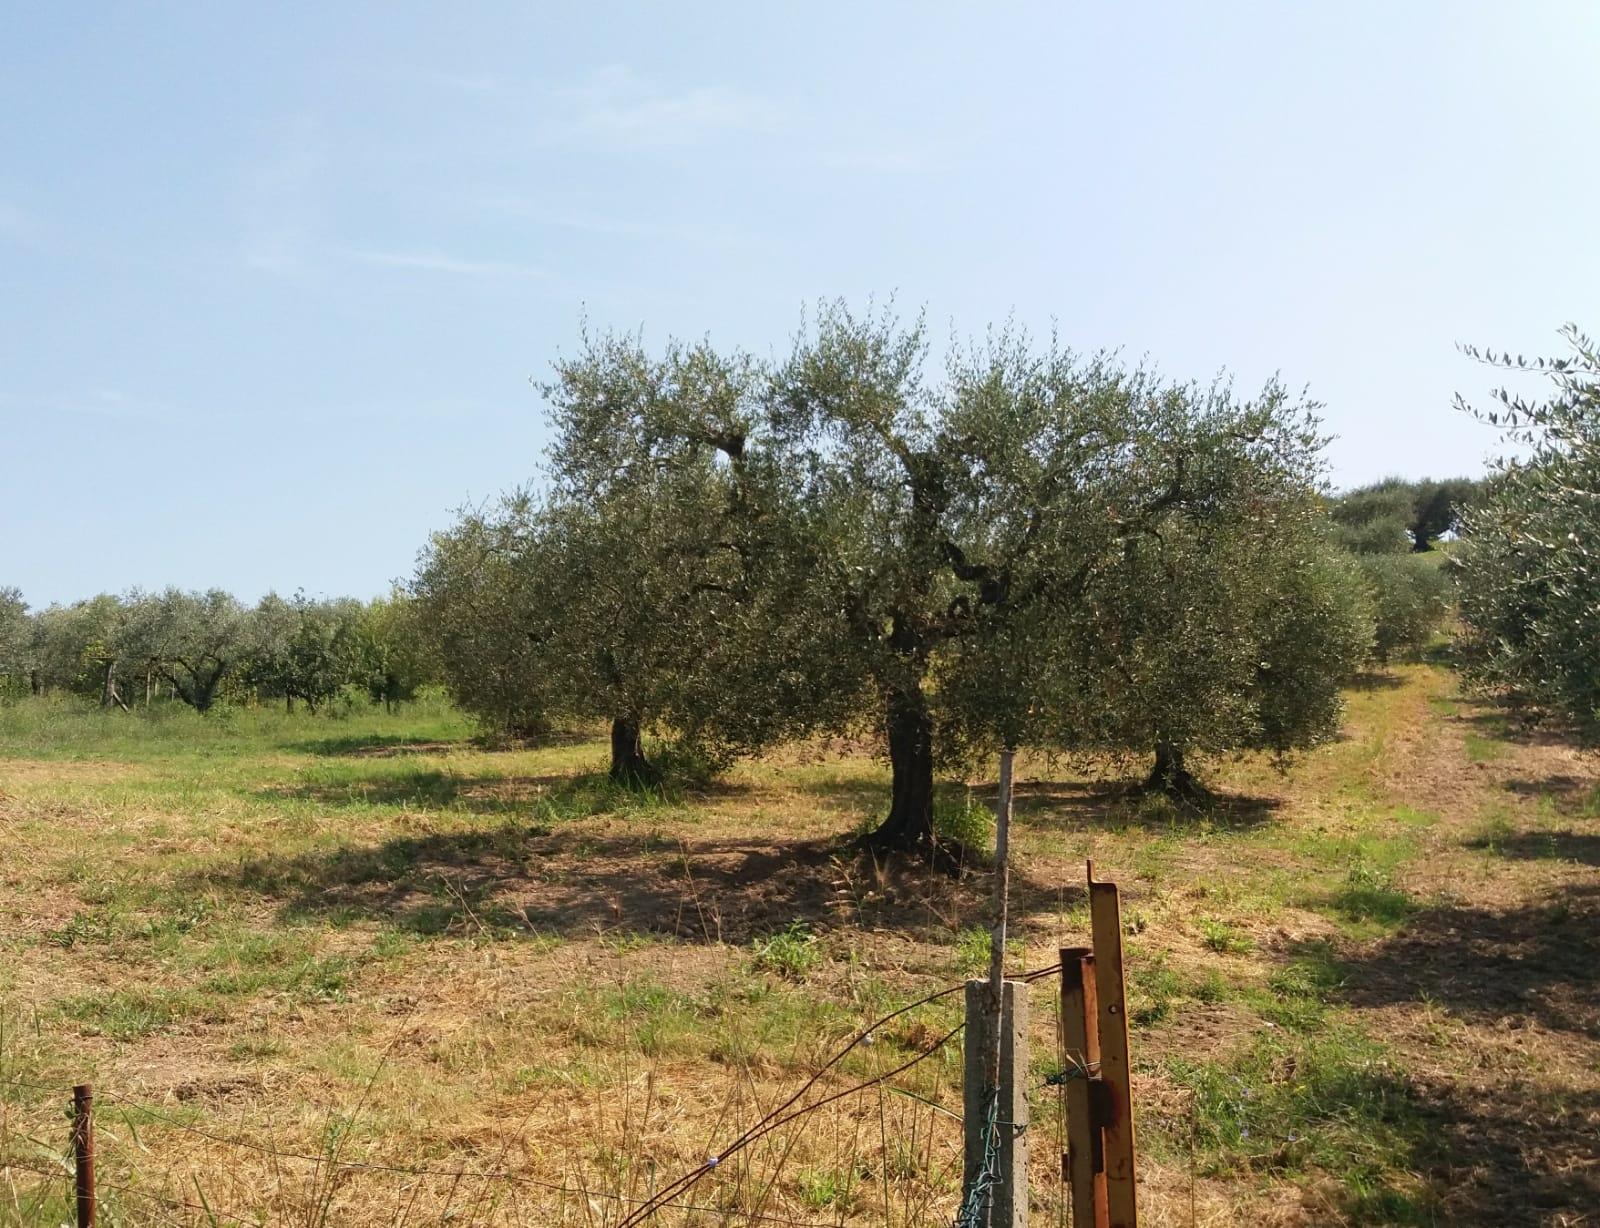 Terreno Agricolo in vendita a Fonte Nuova, 9999 locali, prezzo € 62.000 | CambioCasa.it